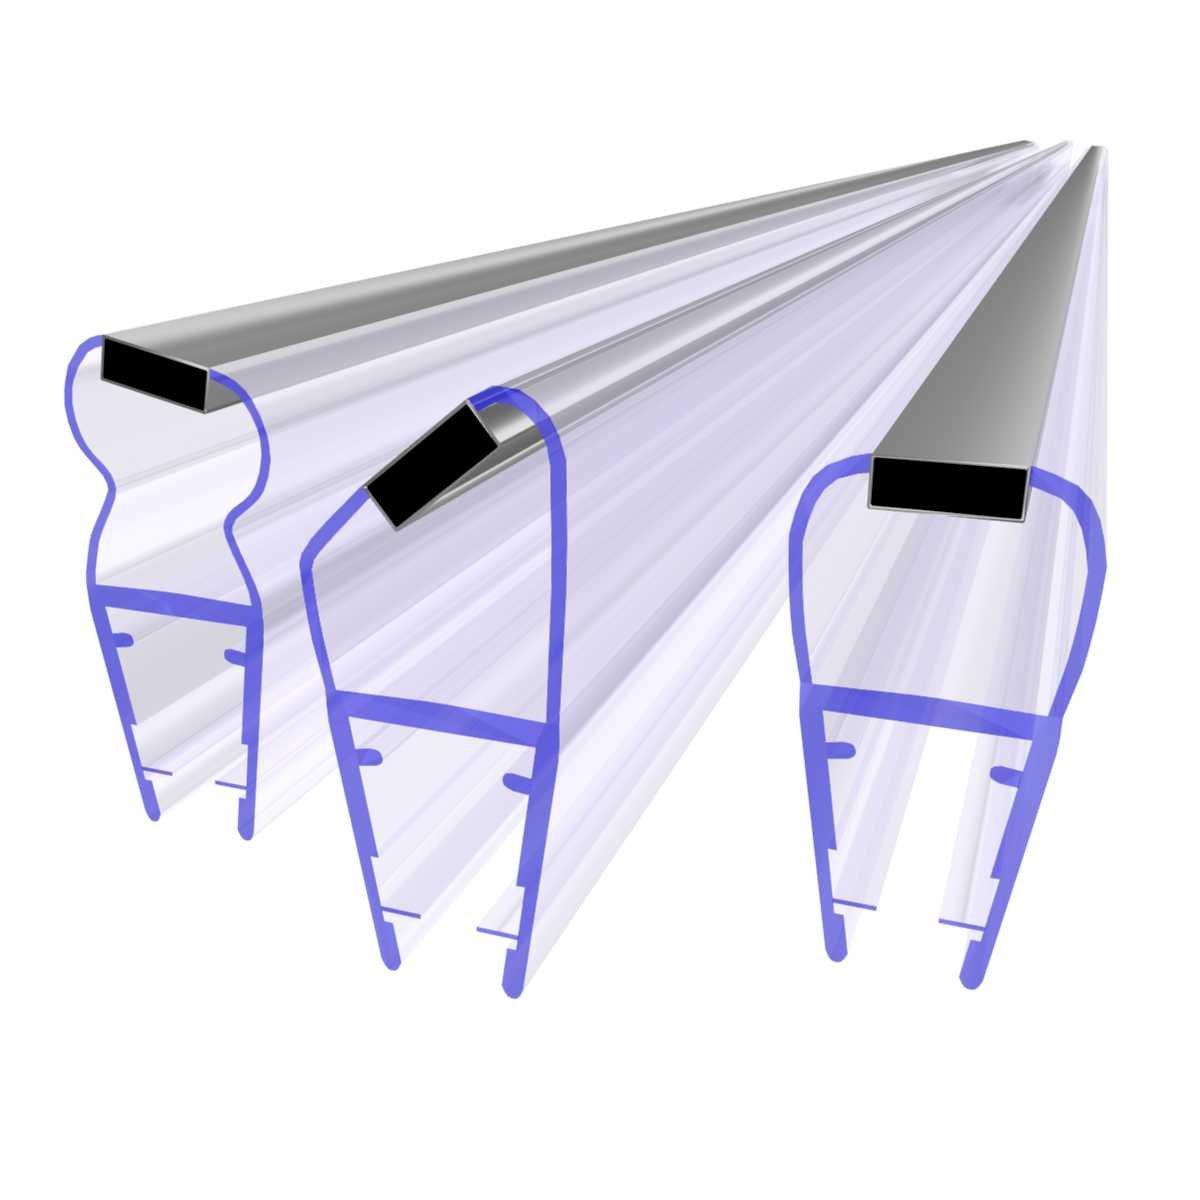 STEIGNER Kit de Joints Magn/étiques pour les Vitres d/'une /Épaisseur 3,5 mm//4 mm//5 mm UKM01 180/° 180 cm 2 pi/éces